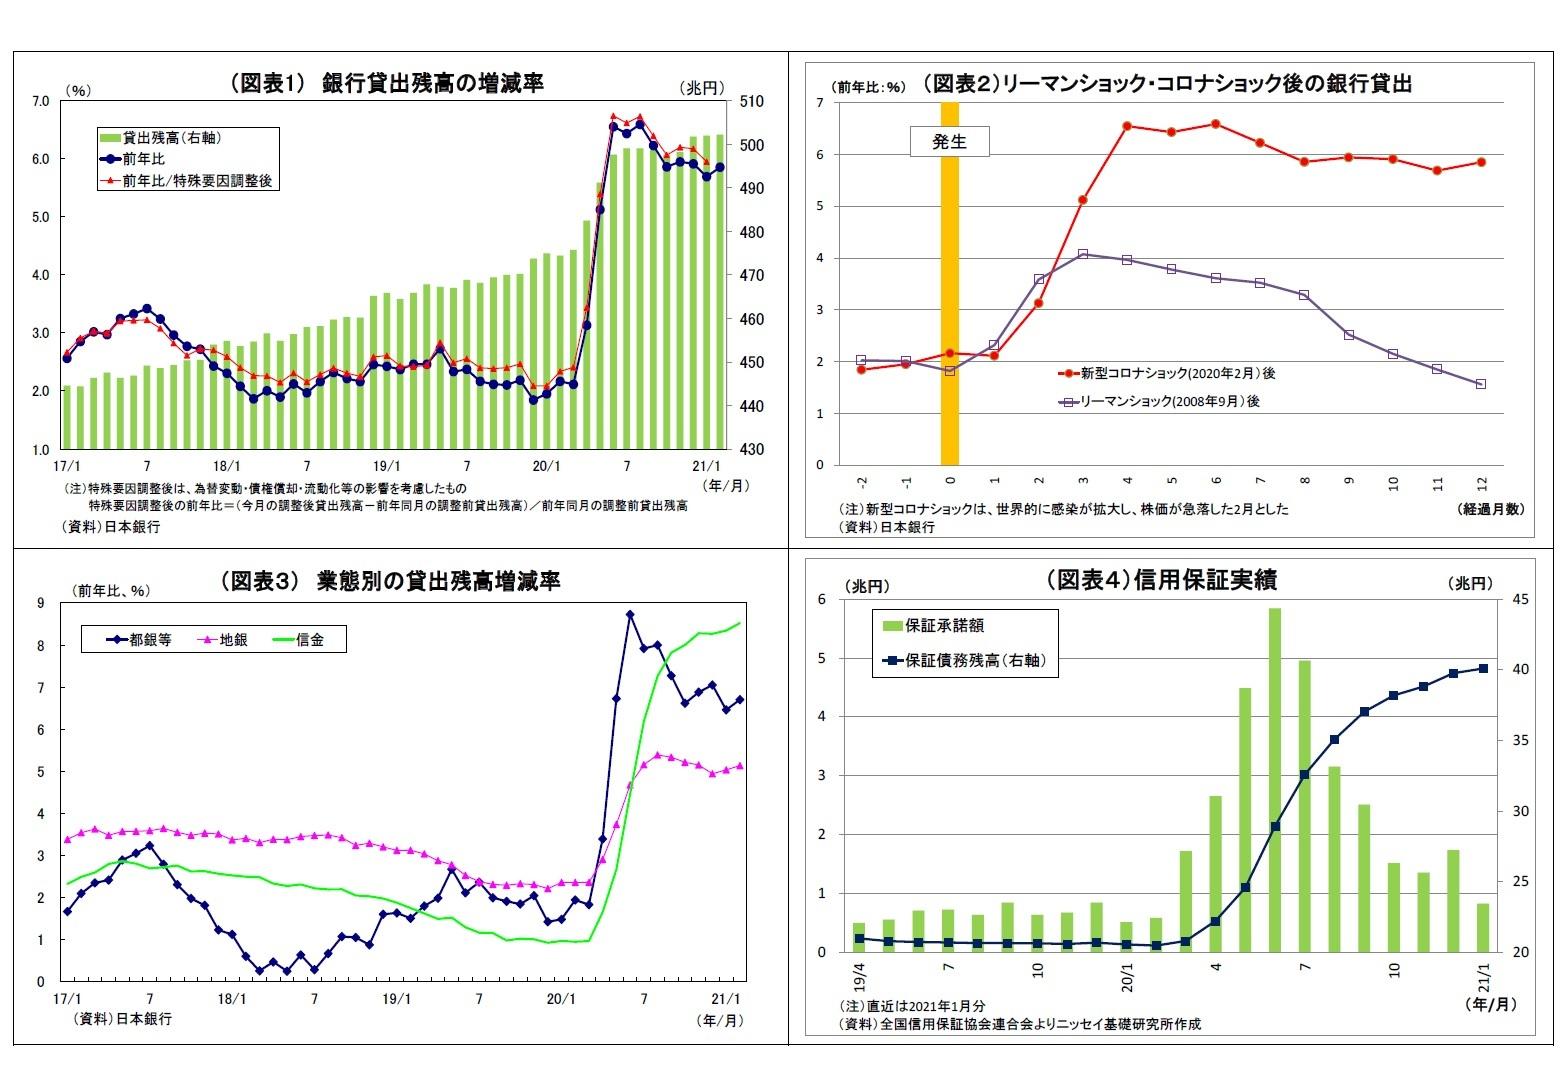 (図表1) 銀行貸出残高の増減率/(図表2)リーマンショック・コロナショック後の銀行貸出/(図表3) 業態別の貸出残高増減率/(図表4)信用保証実績